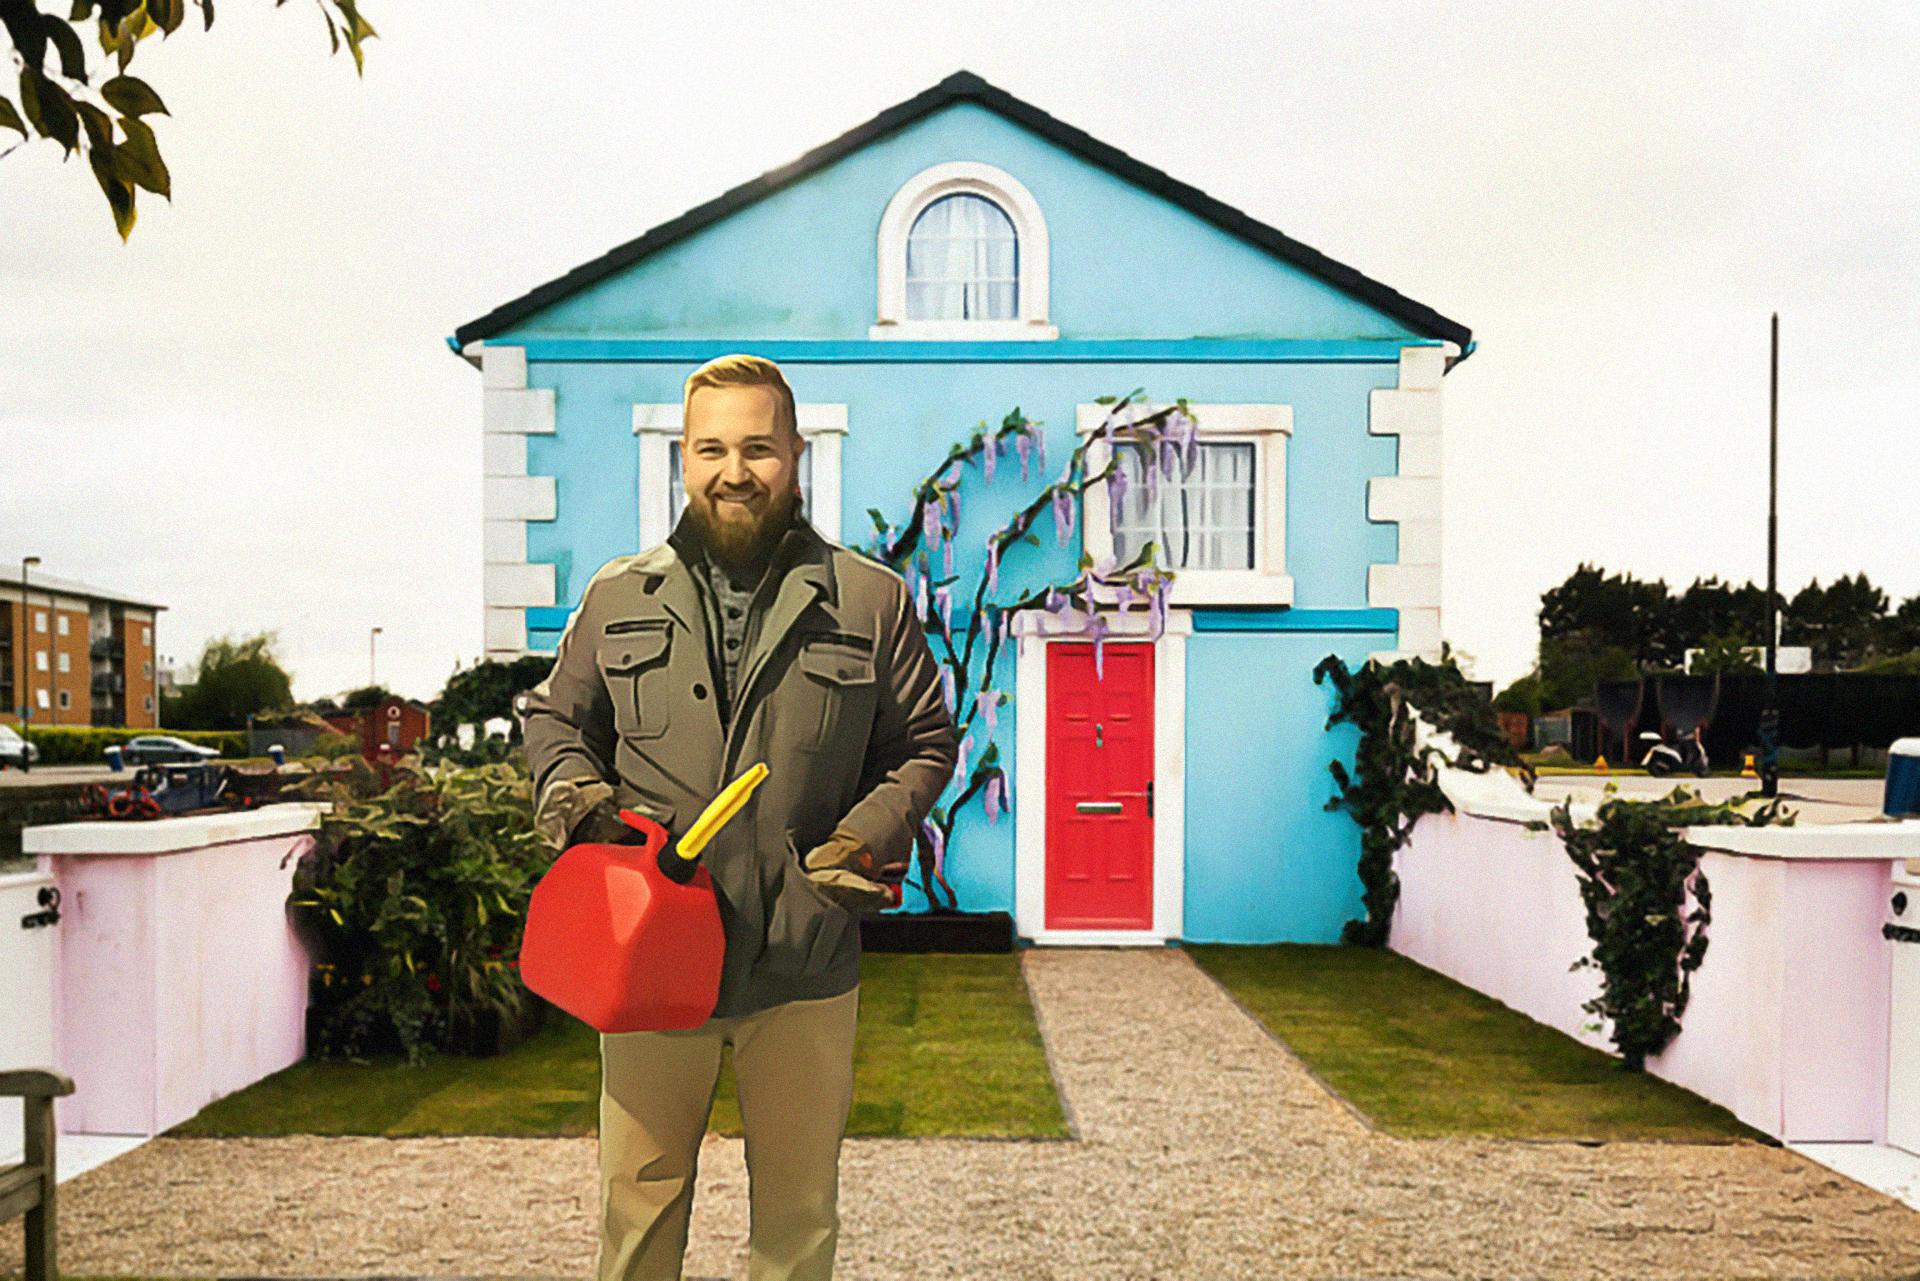 Derek Fildebrandt, Airbnb Host, Is the Greatest Statesman in Alberta